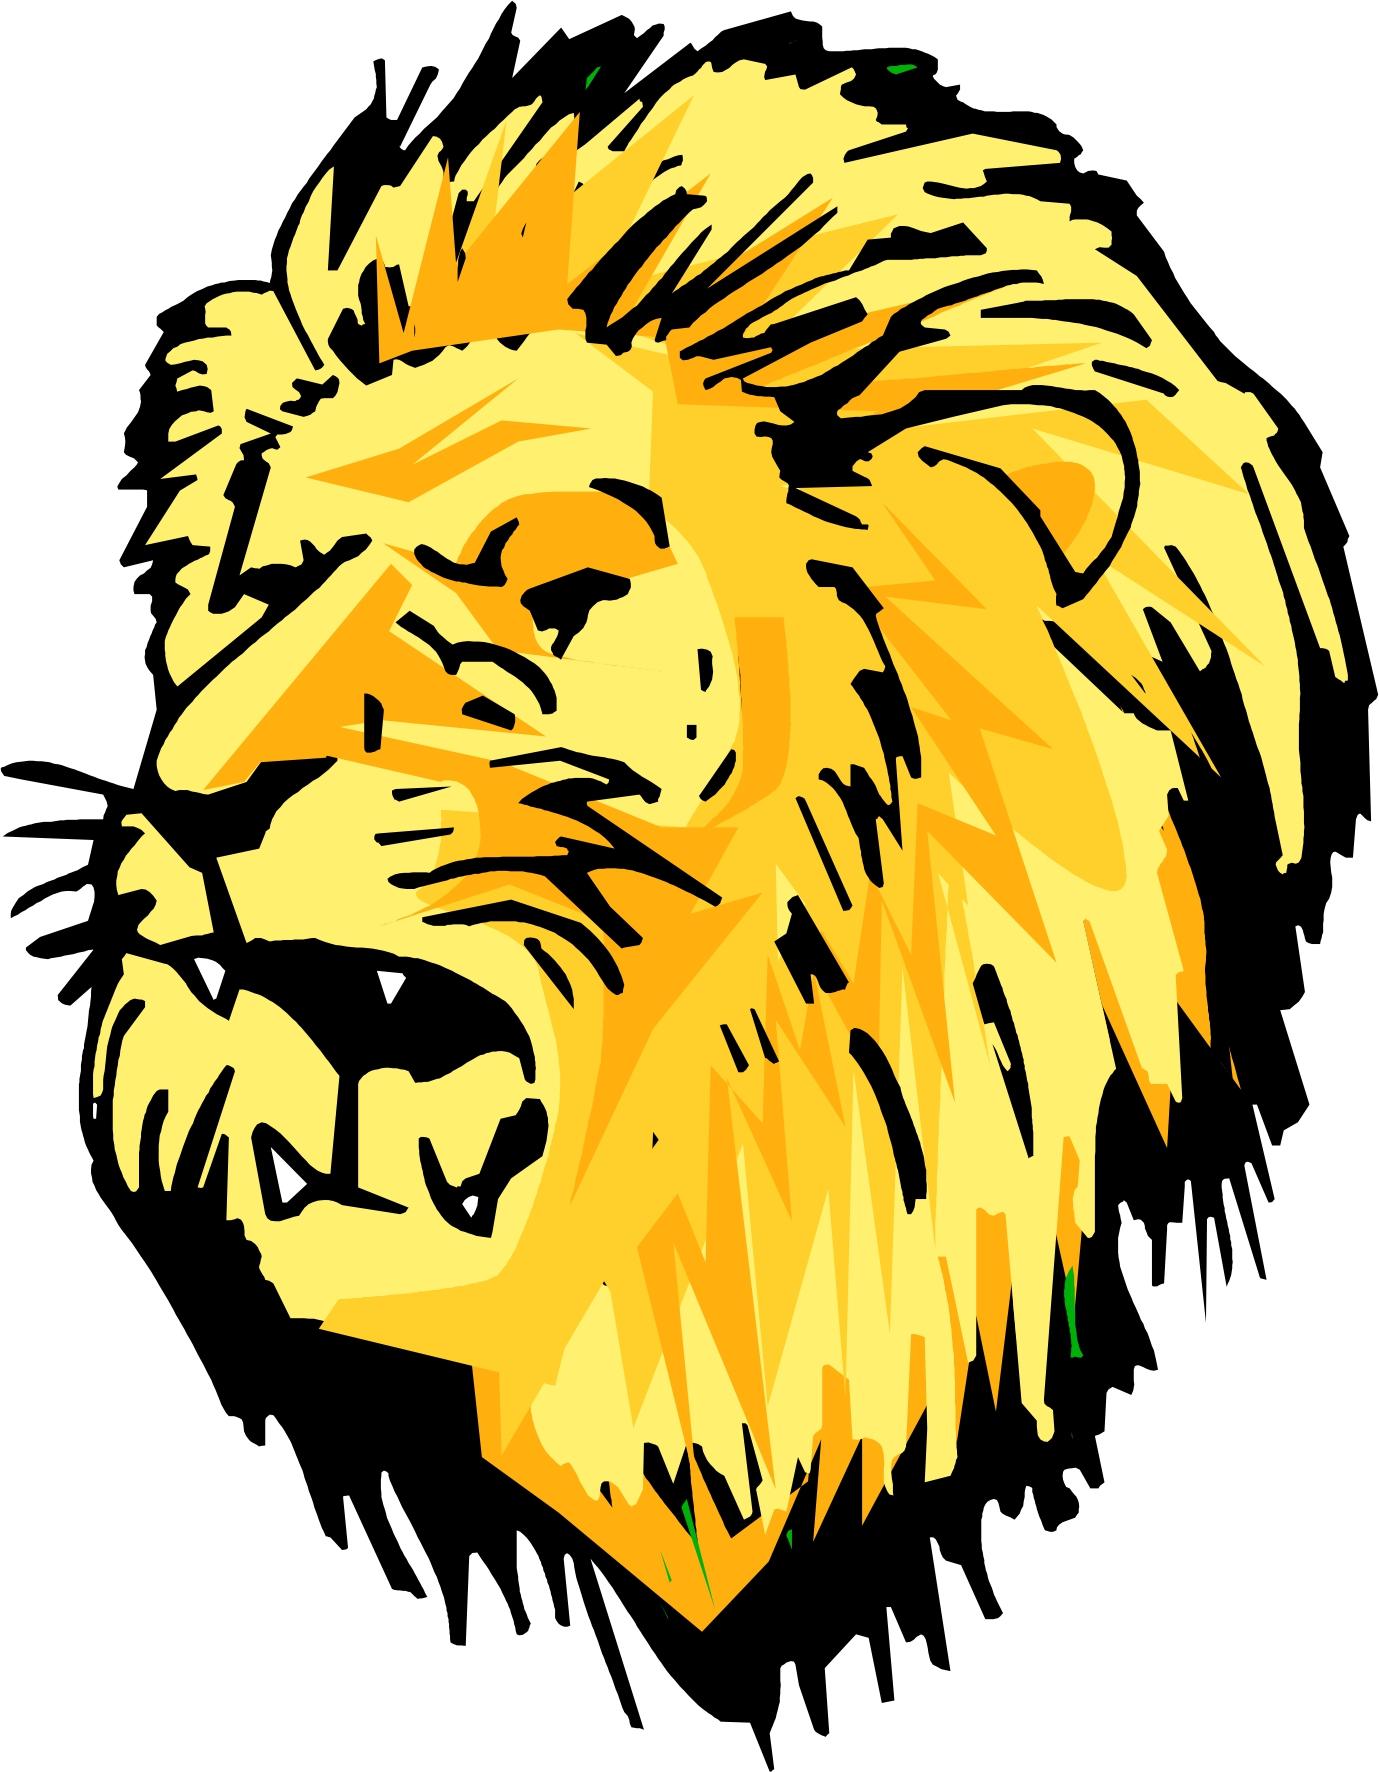 Lion Head Clip Art | Clipart Panda - Free Clipart Images